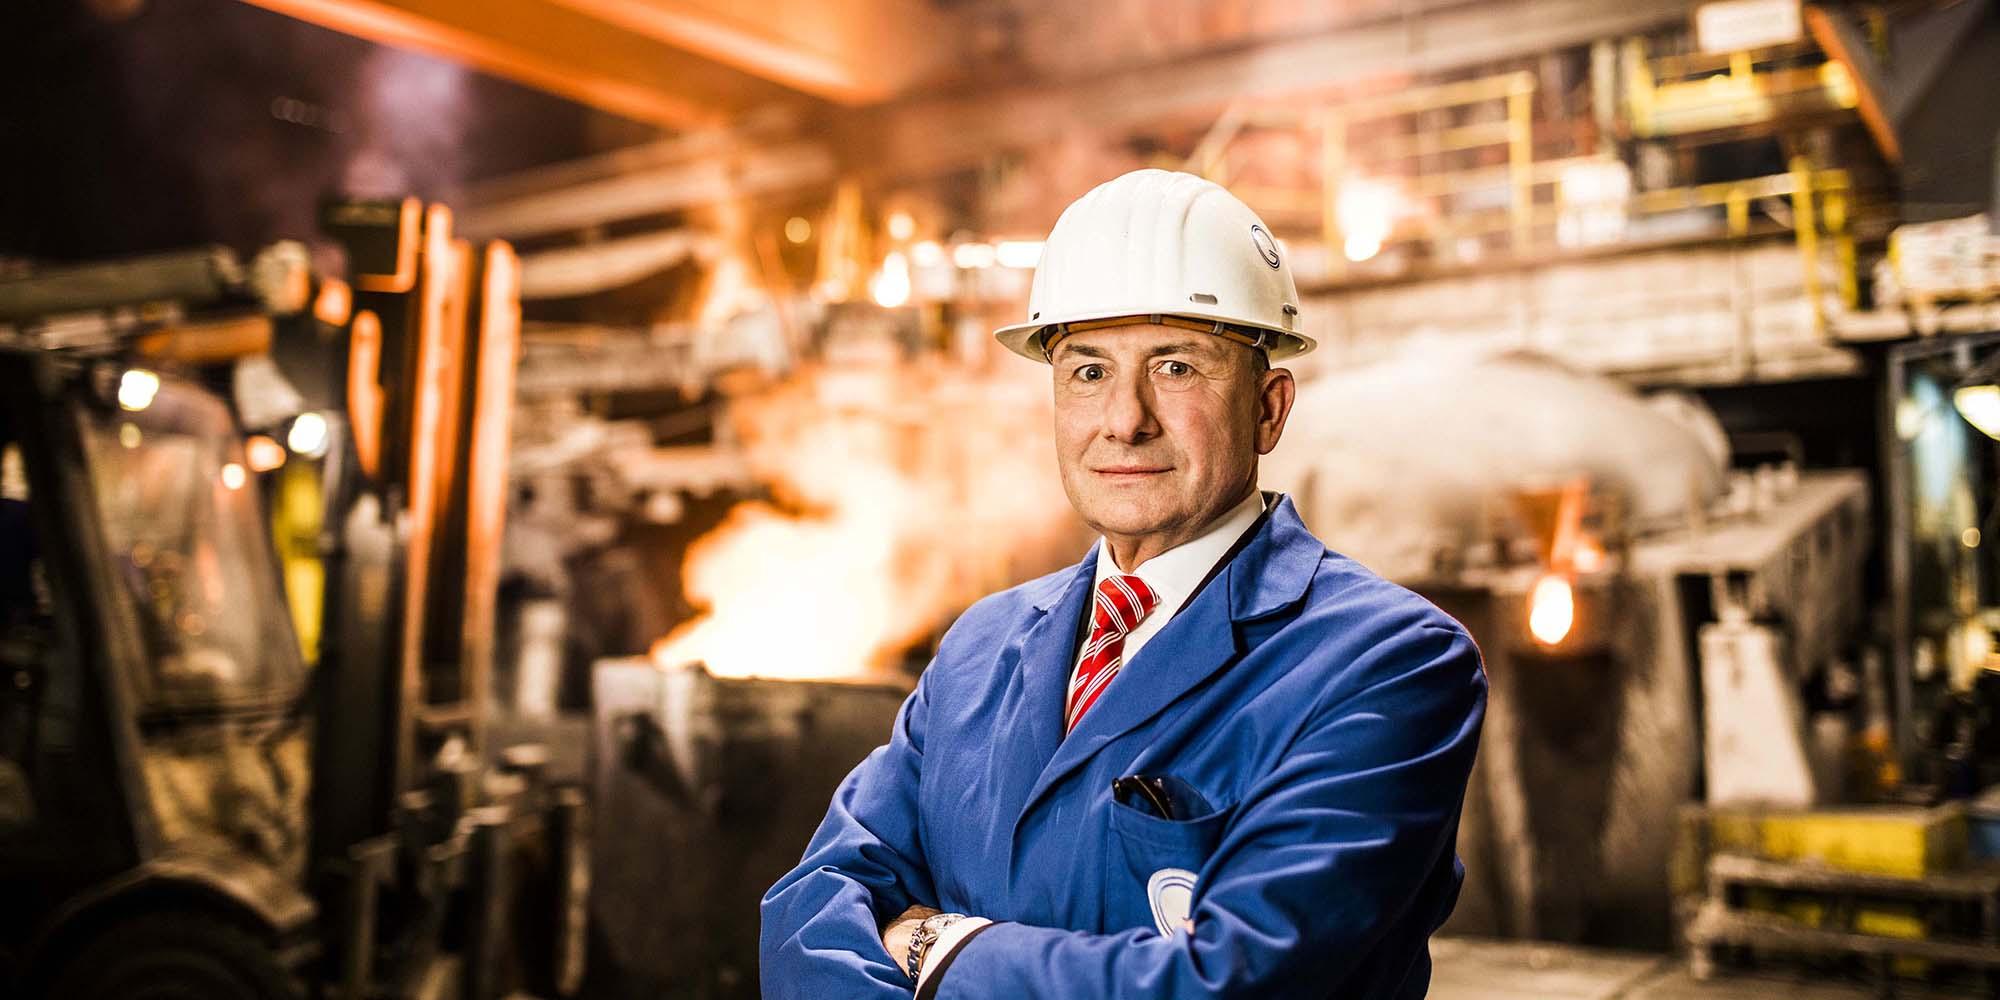 Business Portrait Hans-Jürgen Brenninger. Der Geschäftsführer der Gienanth GmbH steht mit Helm und Blaumann in der Giesereihalle.